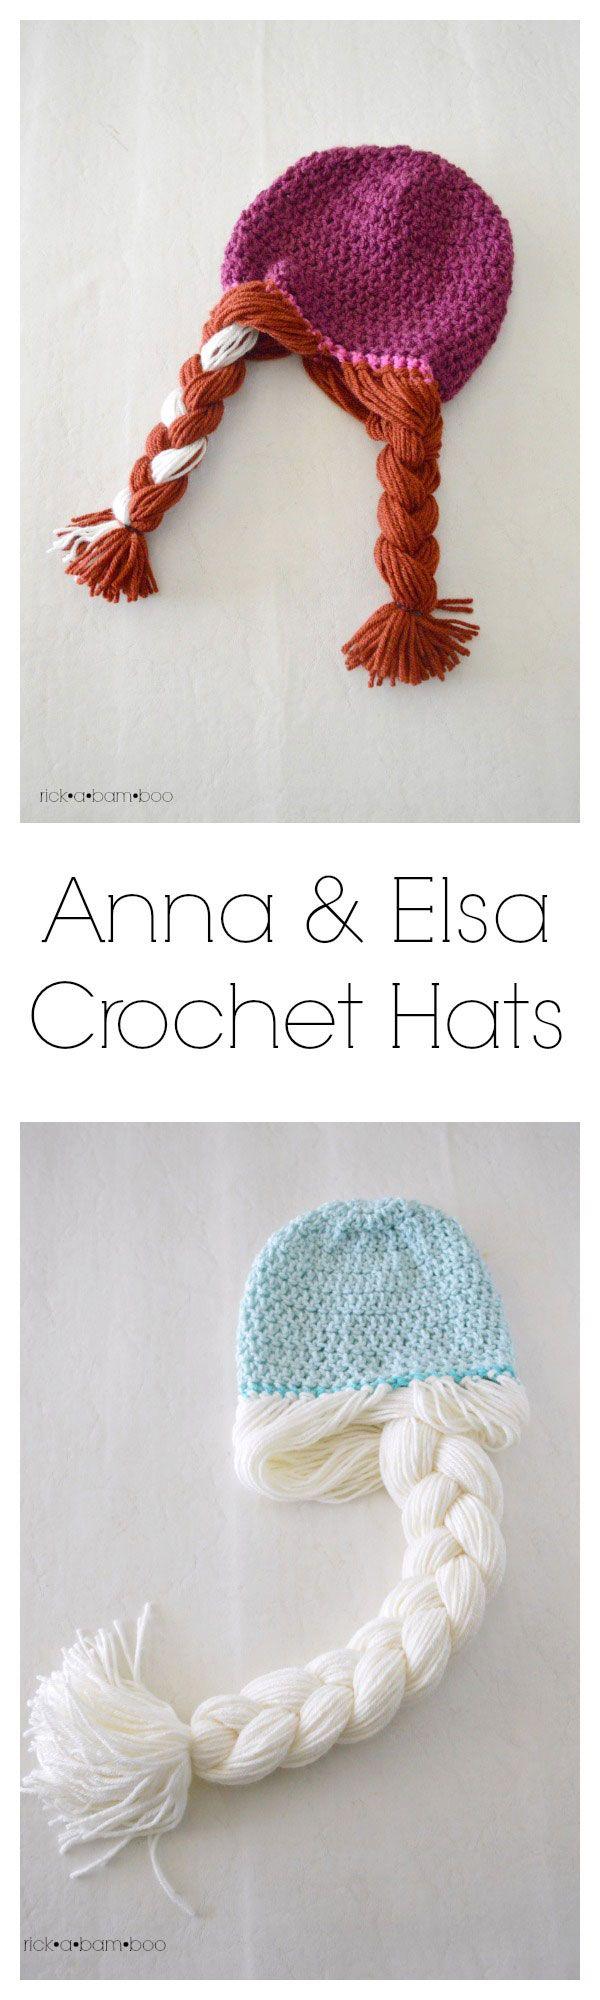 Make It: Anna & Elsa Crochet Hats - Free Pattern & Tutorial #crochet #frozen #disney